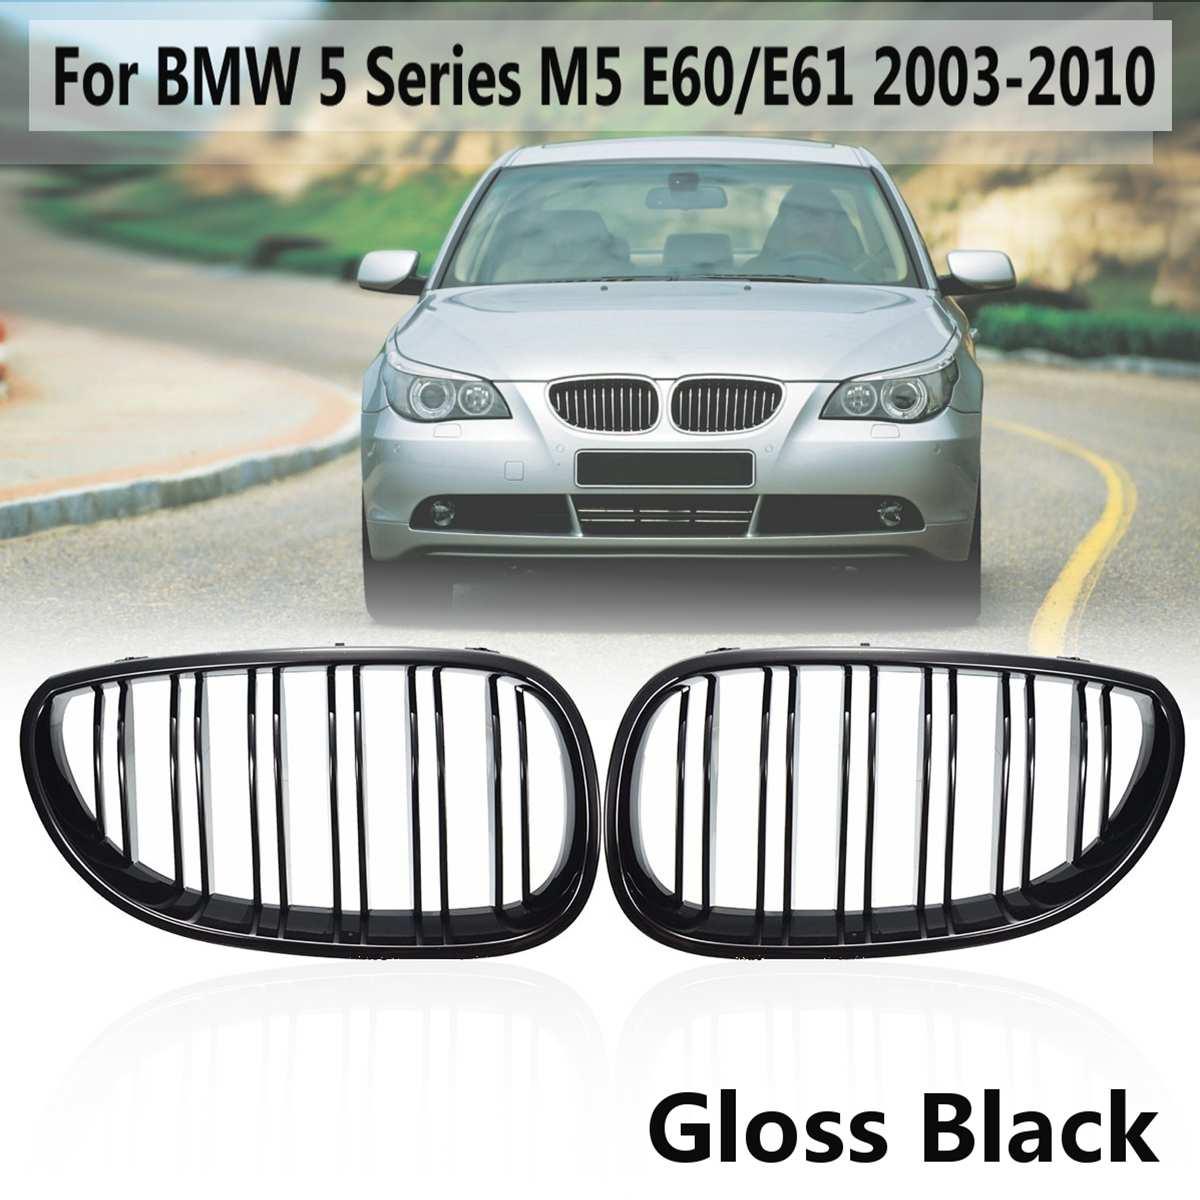 Автомобильный передний Спортивная решетка почек решетка радиатора для BMW 5 серия M5 E60/E61 2003 2004 2005 2006 2007 2008 2009 2010 черный глянец